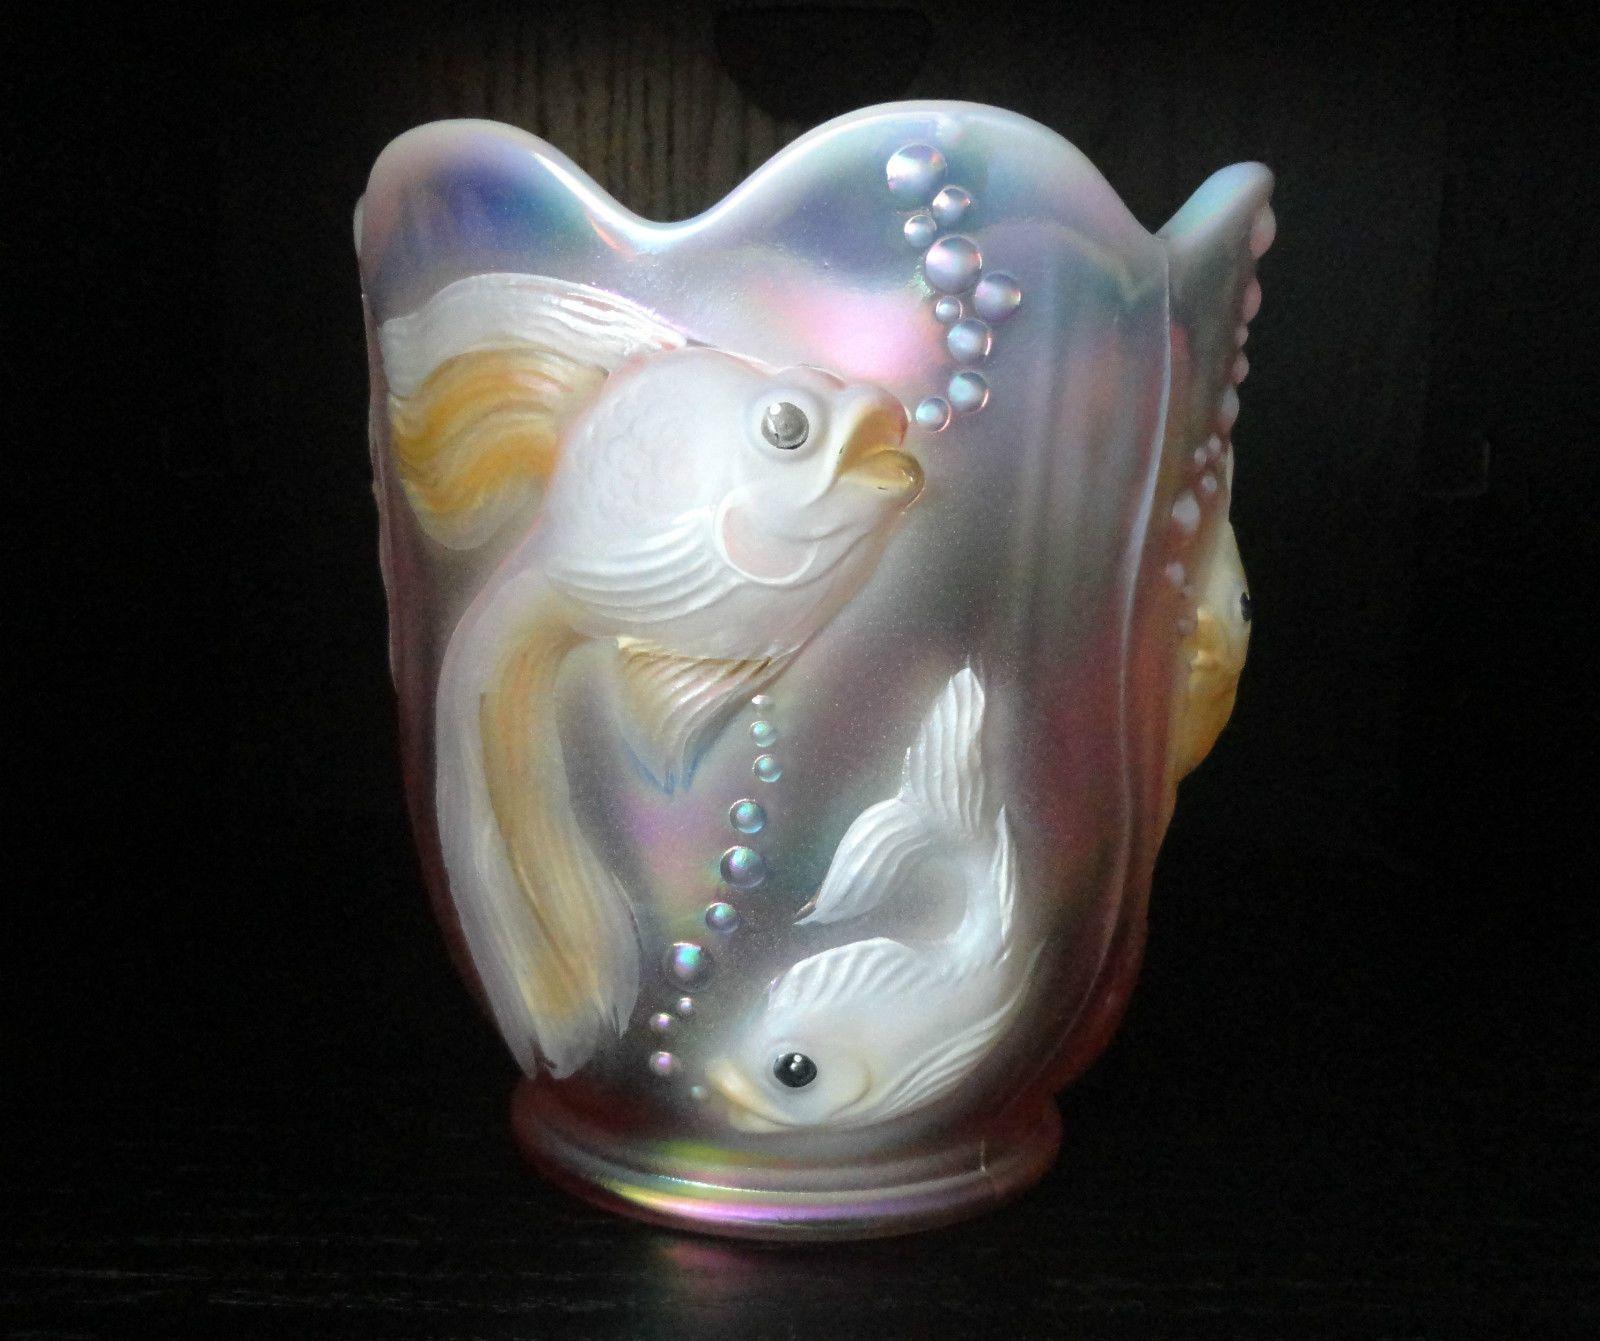 Fenton art glass atlantis fish vase hand painted pink opalescent fenton art glass atlantis fish vase hand painted pink opalescent signed gaskins ebay reviewsmspy